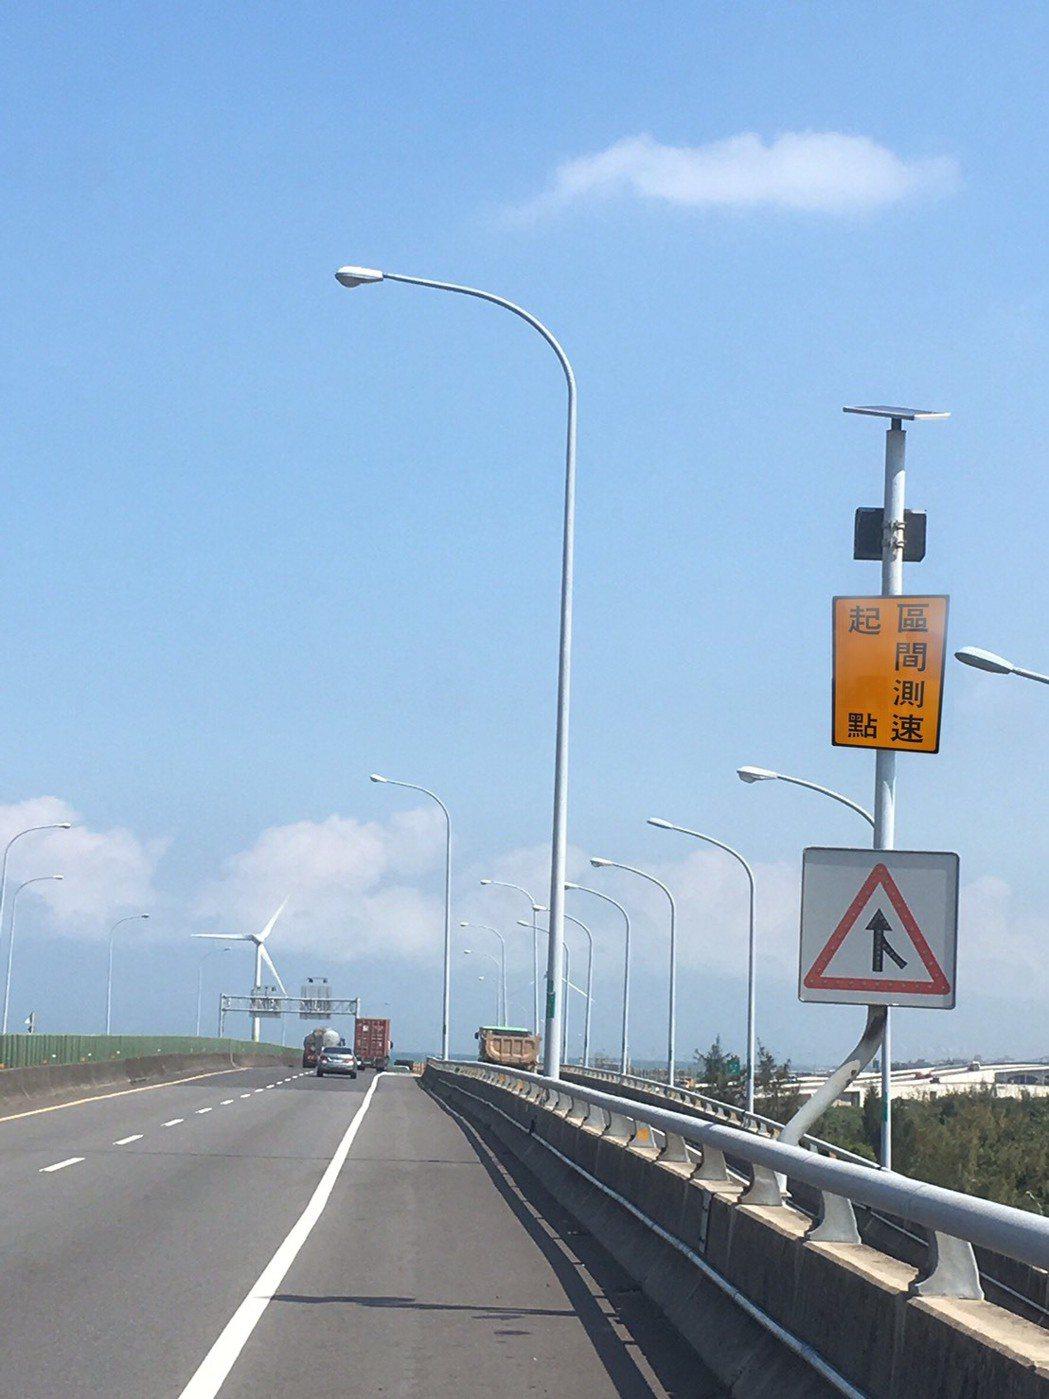 台61線西濱快速道路南下、北上目前各有4處實施區間測速,苗栗警方提醒用路人主意速...